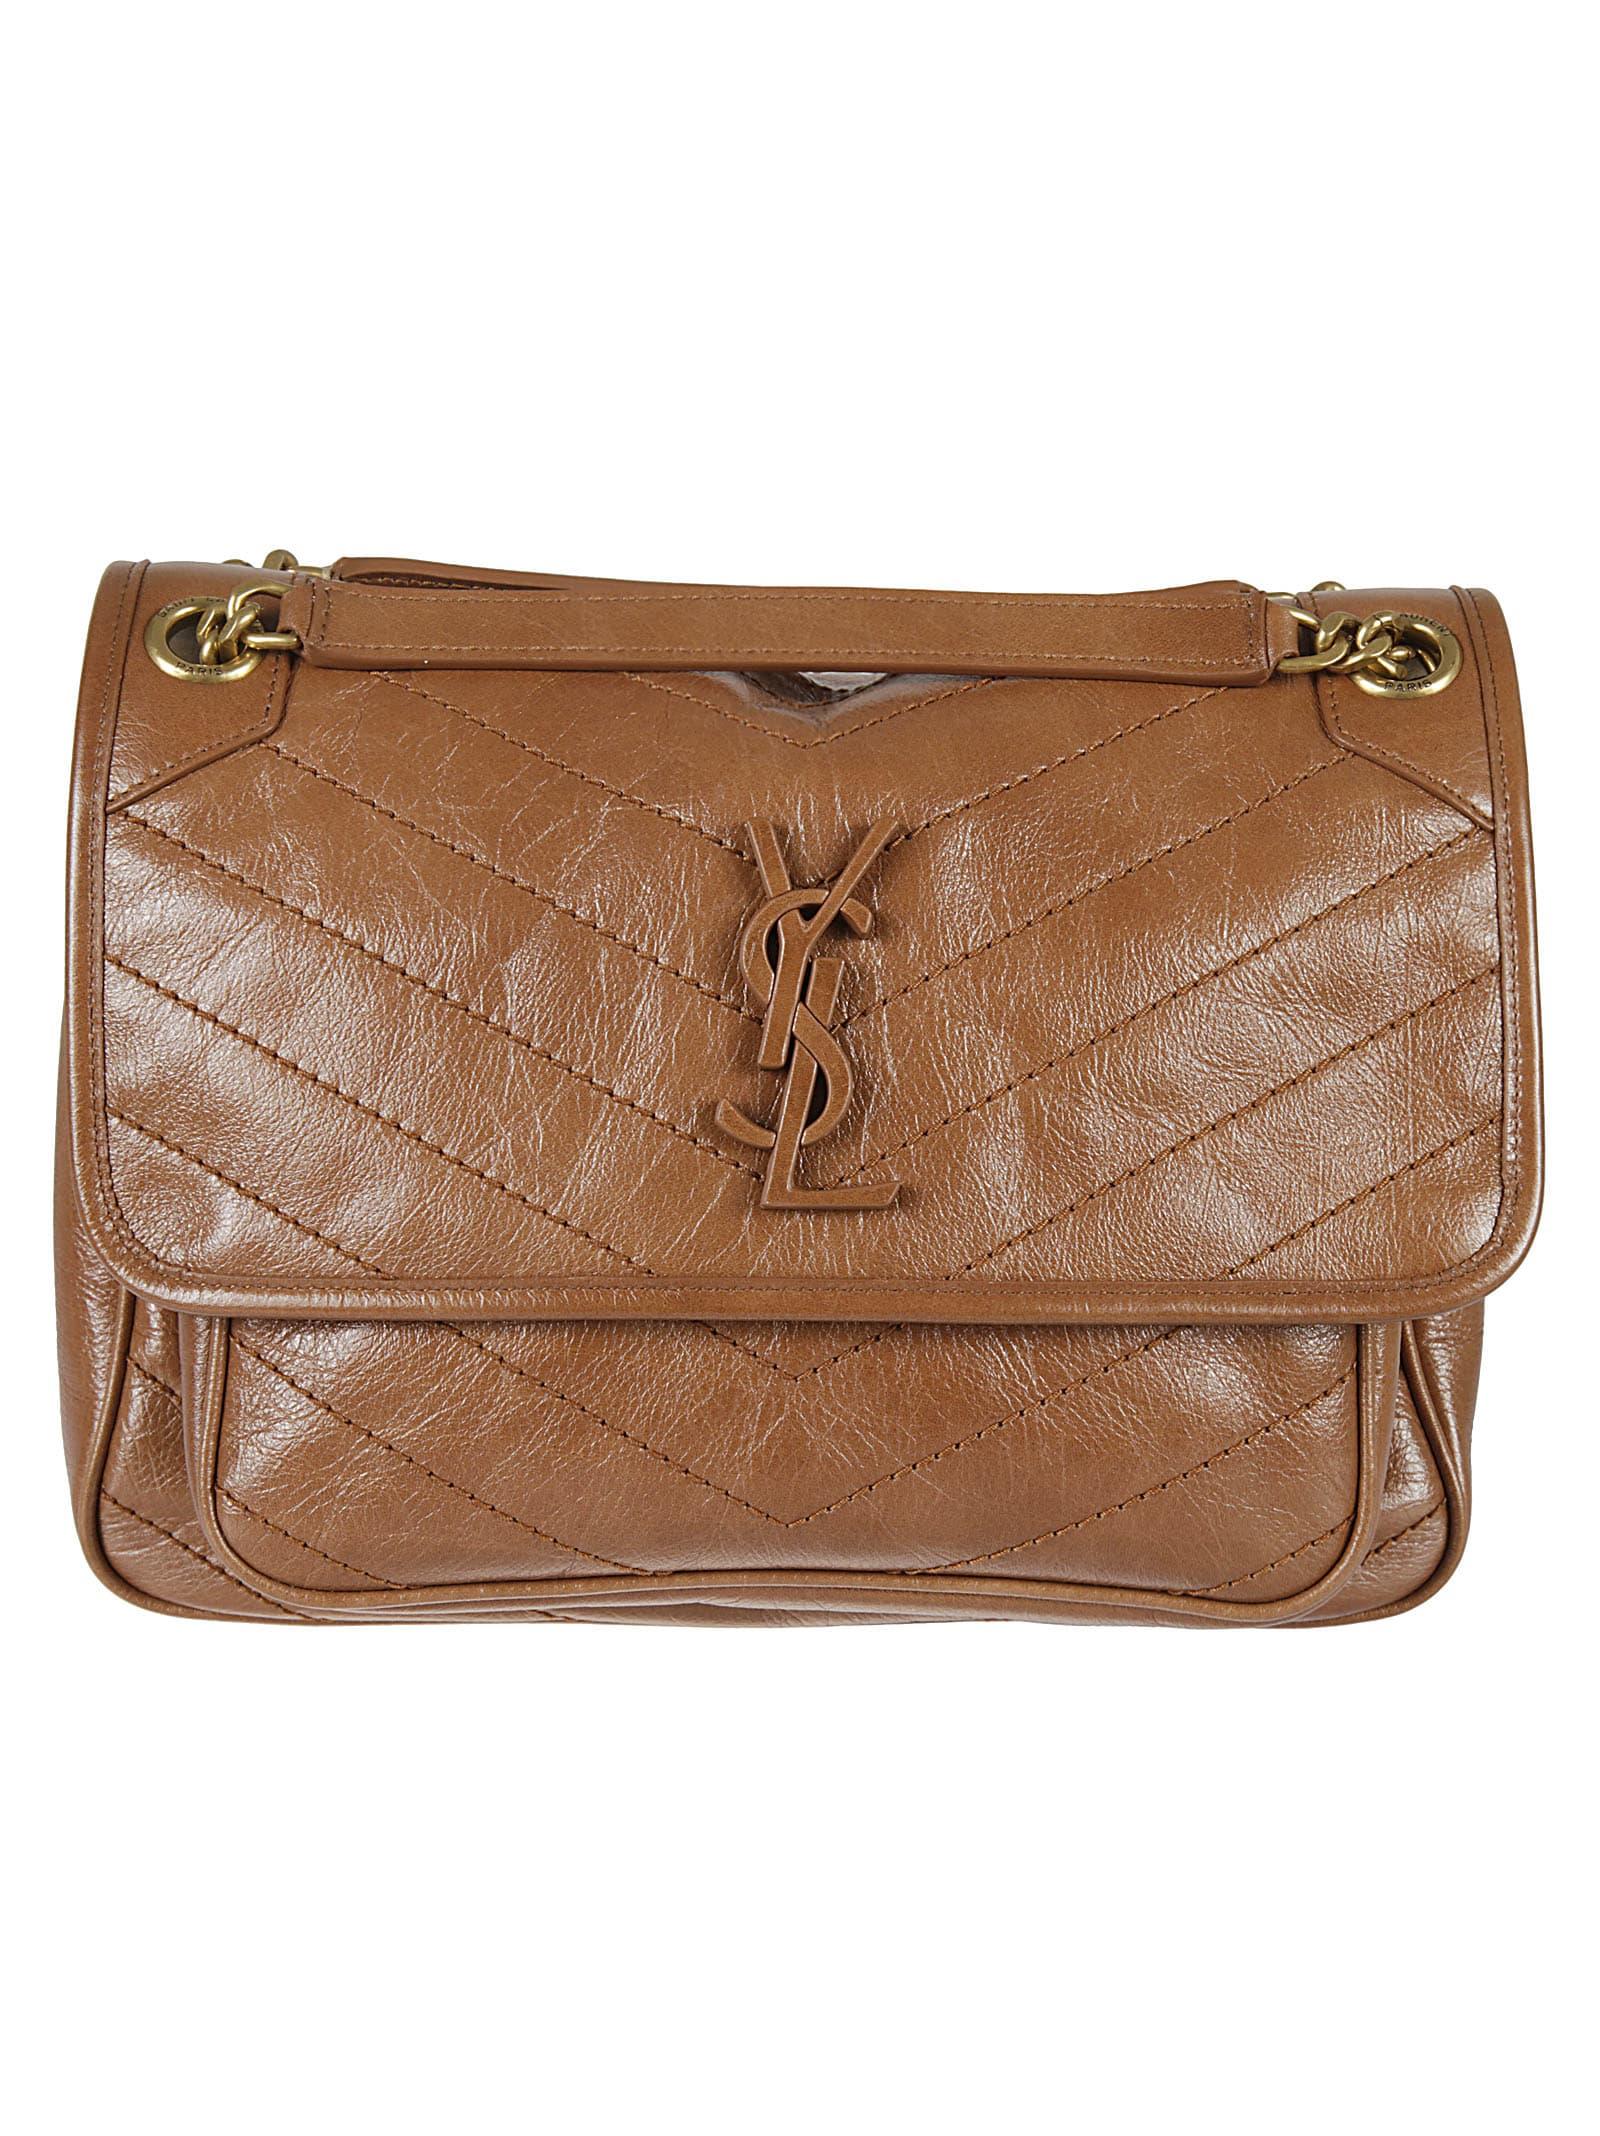 Saint Laurent Niki Shoulder Bag from Saint Laurent